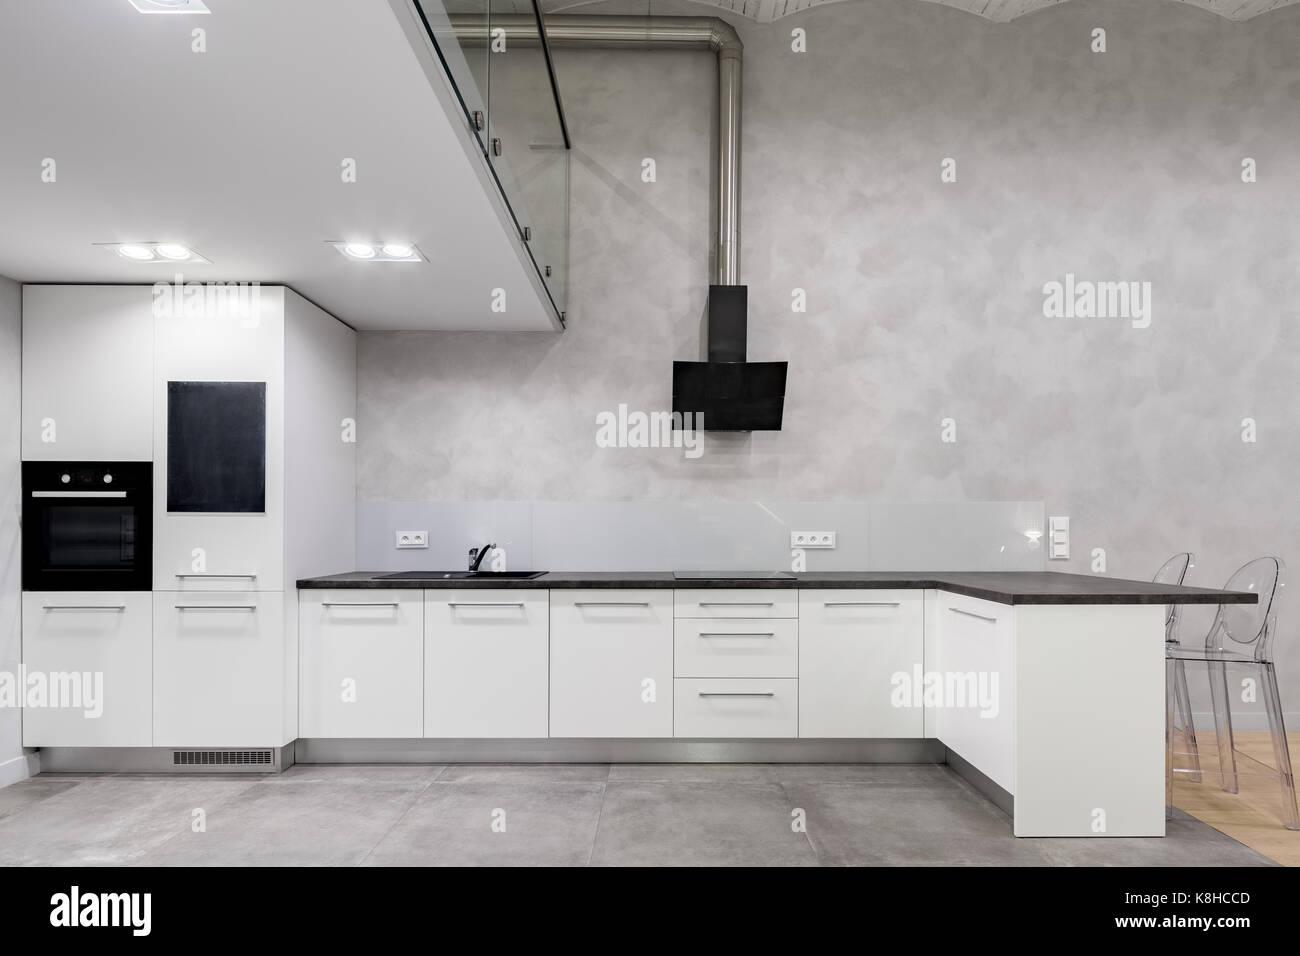 Moderne Einrichtung mit weißen Küche und Mezzanine Stockfoto, Bild ...